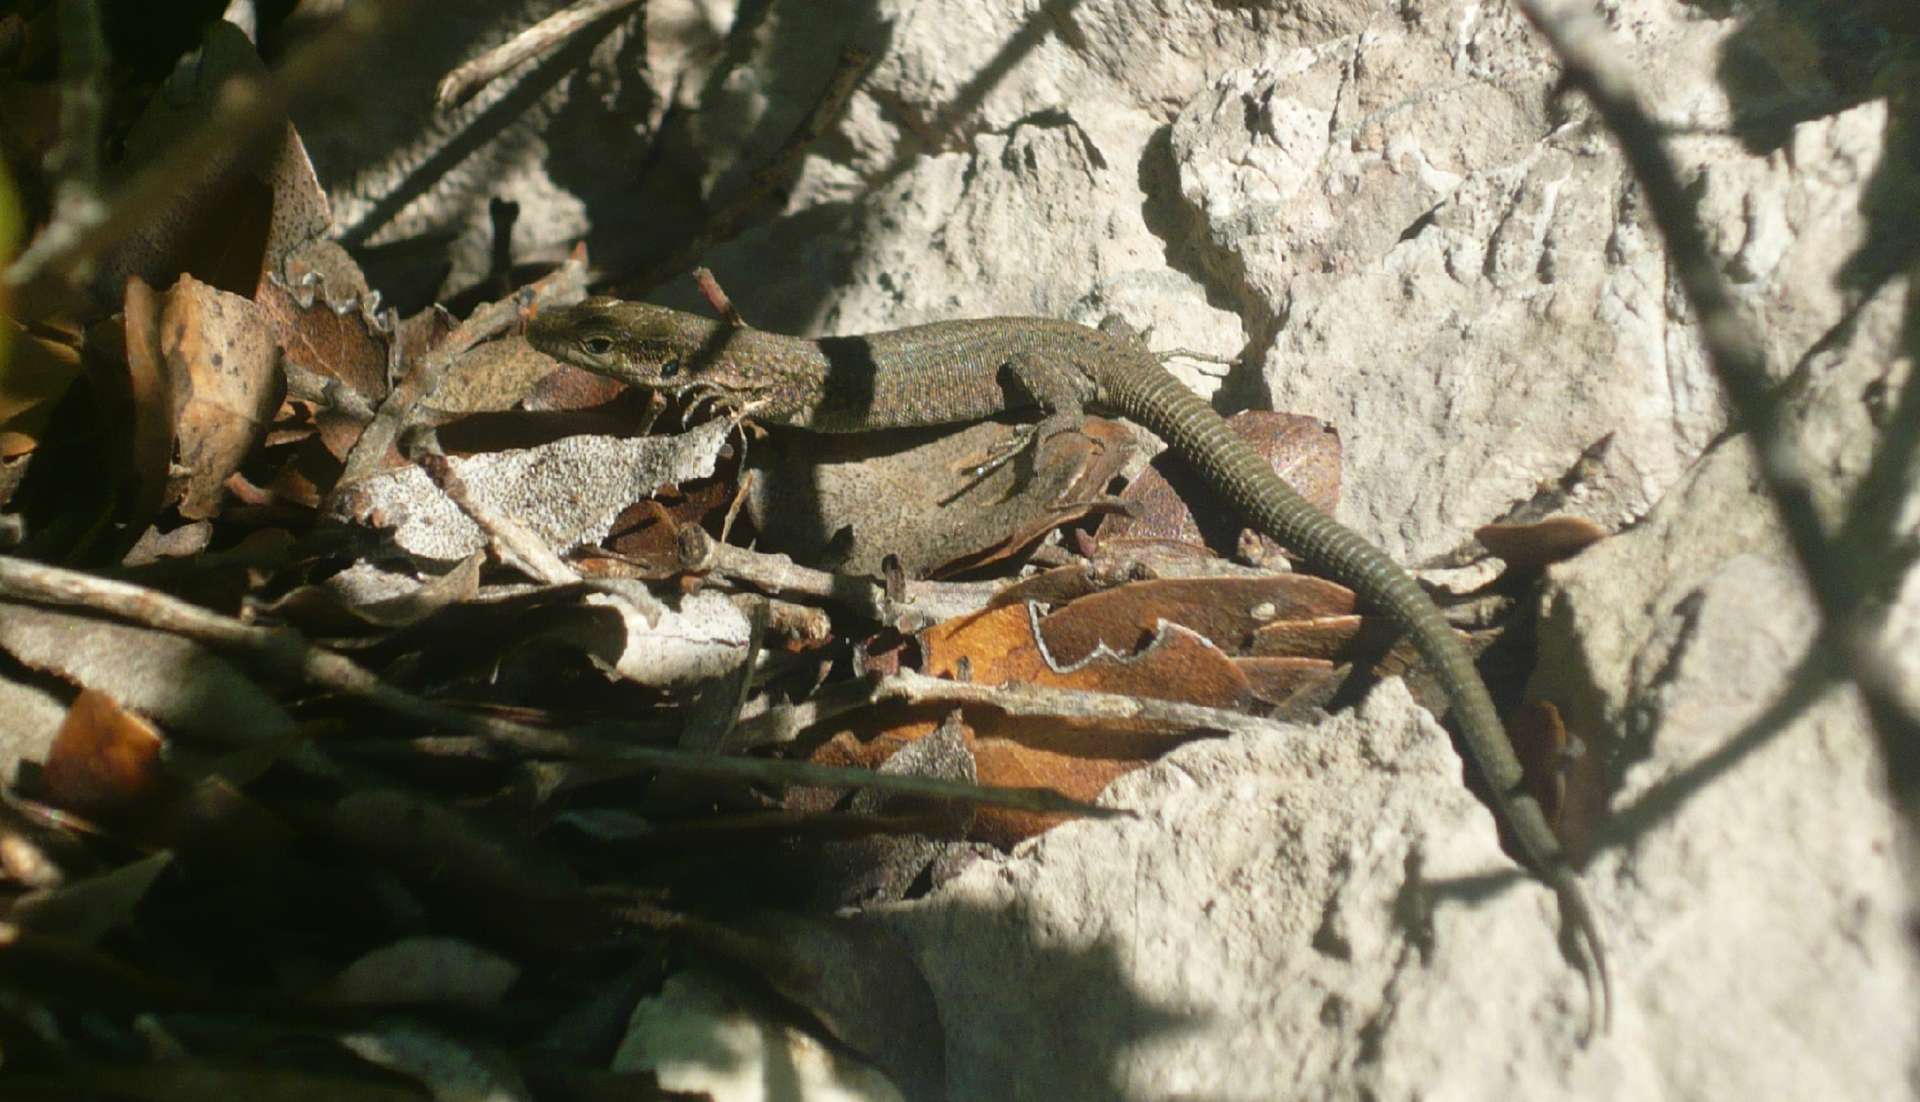 Vue générale de Podarcis liolepsis ©Nicolas Manas